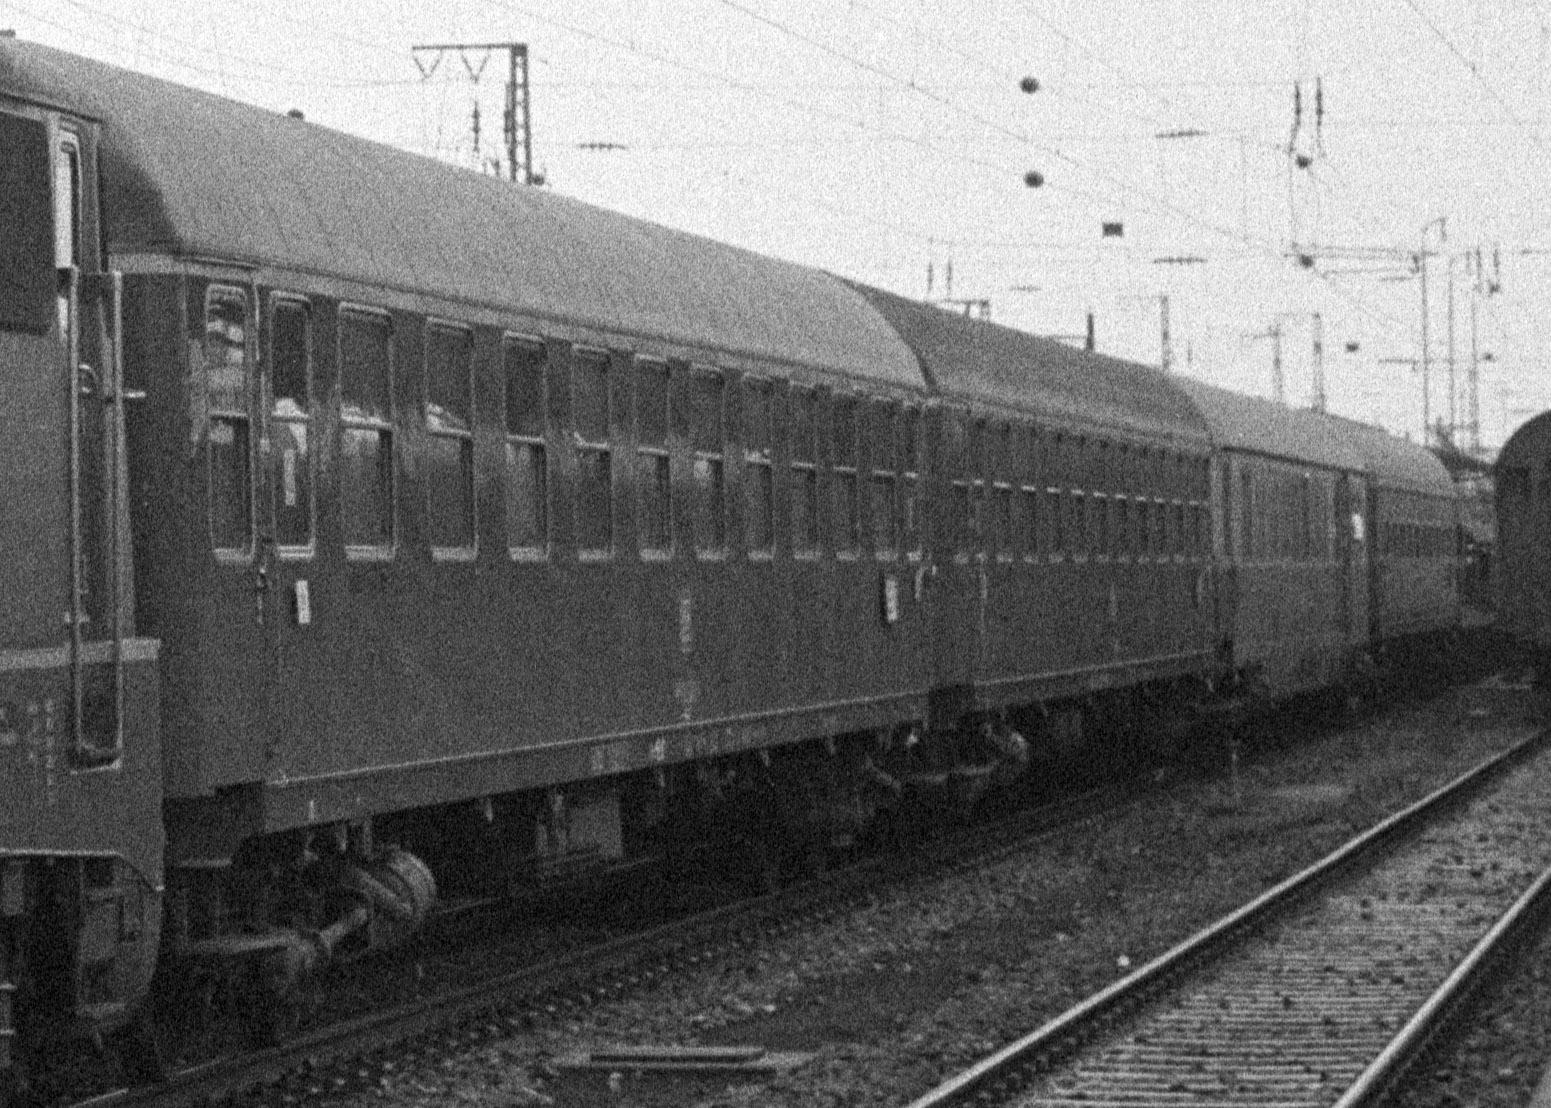 http://www.traktionswandel.de/pics/foren/hifo/1974/1974-03-16_A215-1-03_chrsitoforus-express_Ausschnitt.jpg